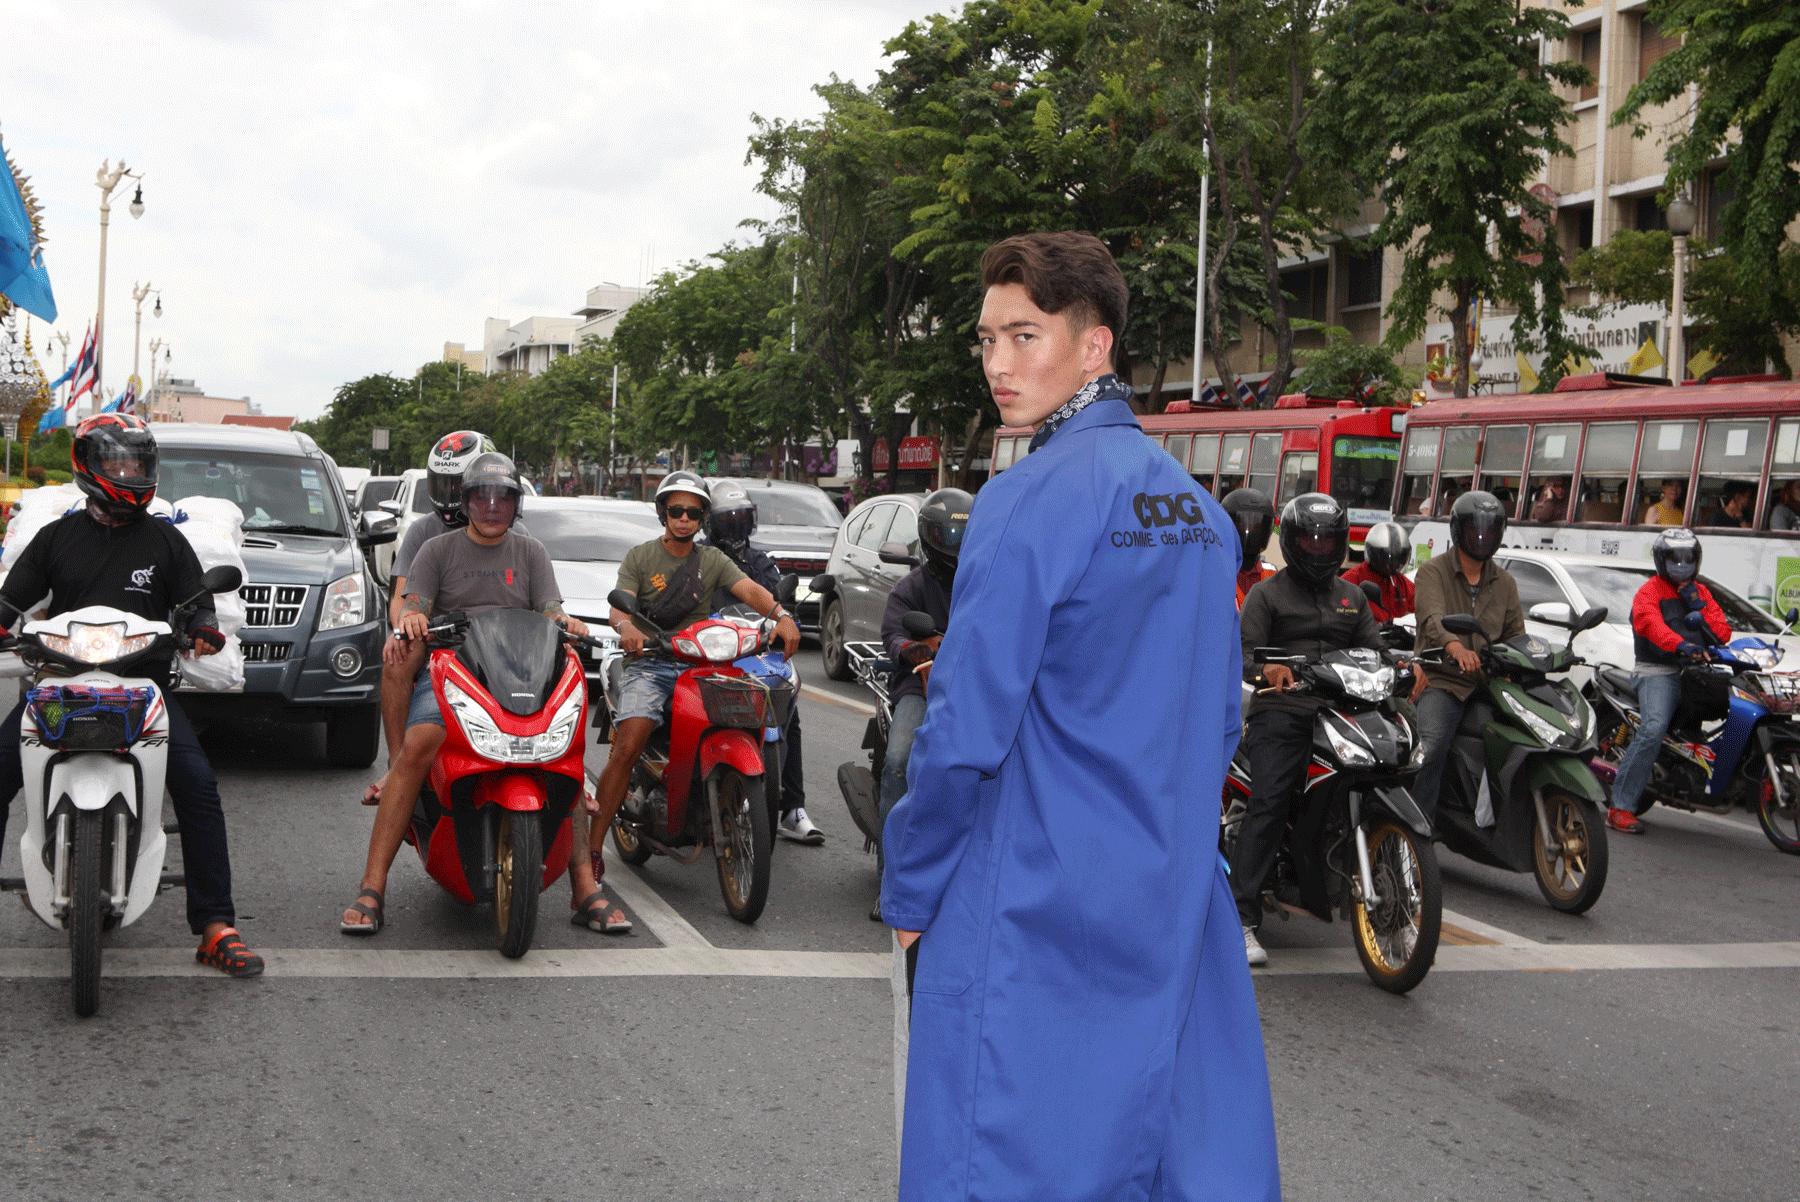 jacket : Comme des Garcons / tshirt : PAINKILLER / pants : NOXX wear